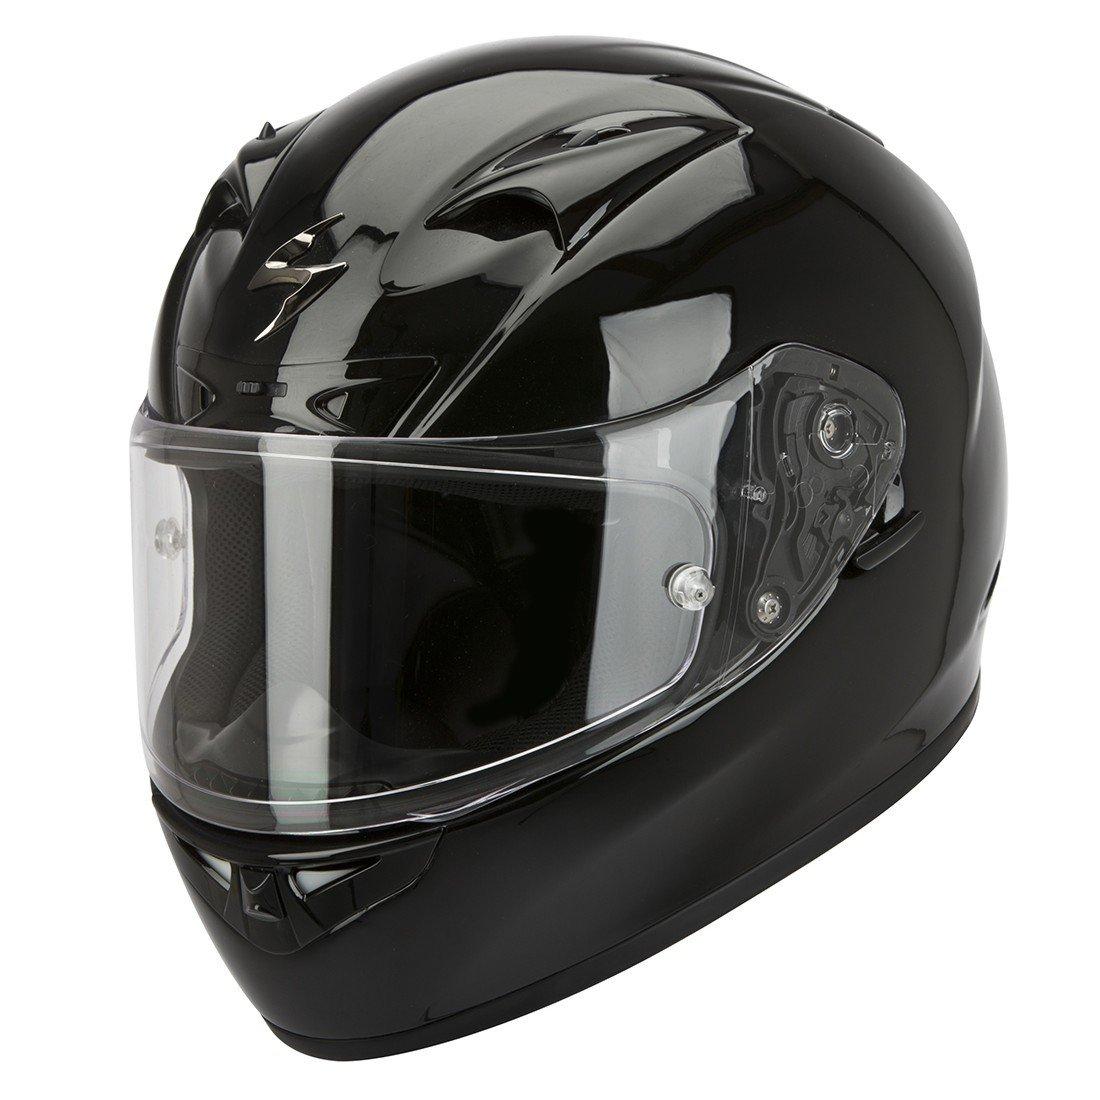 Scorpion EXO 710 AIR Solid černá L (59/60)